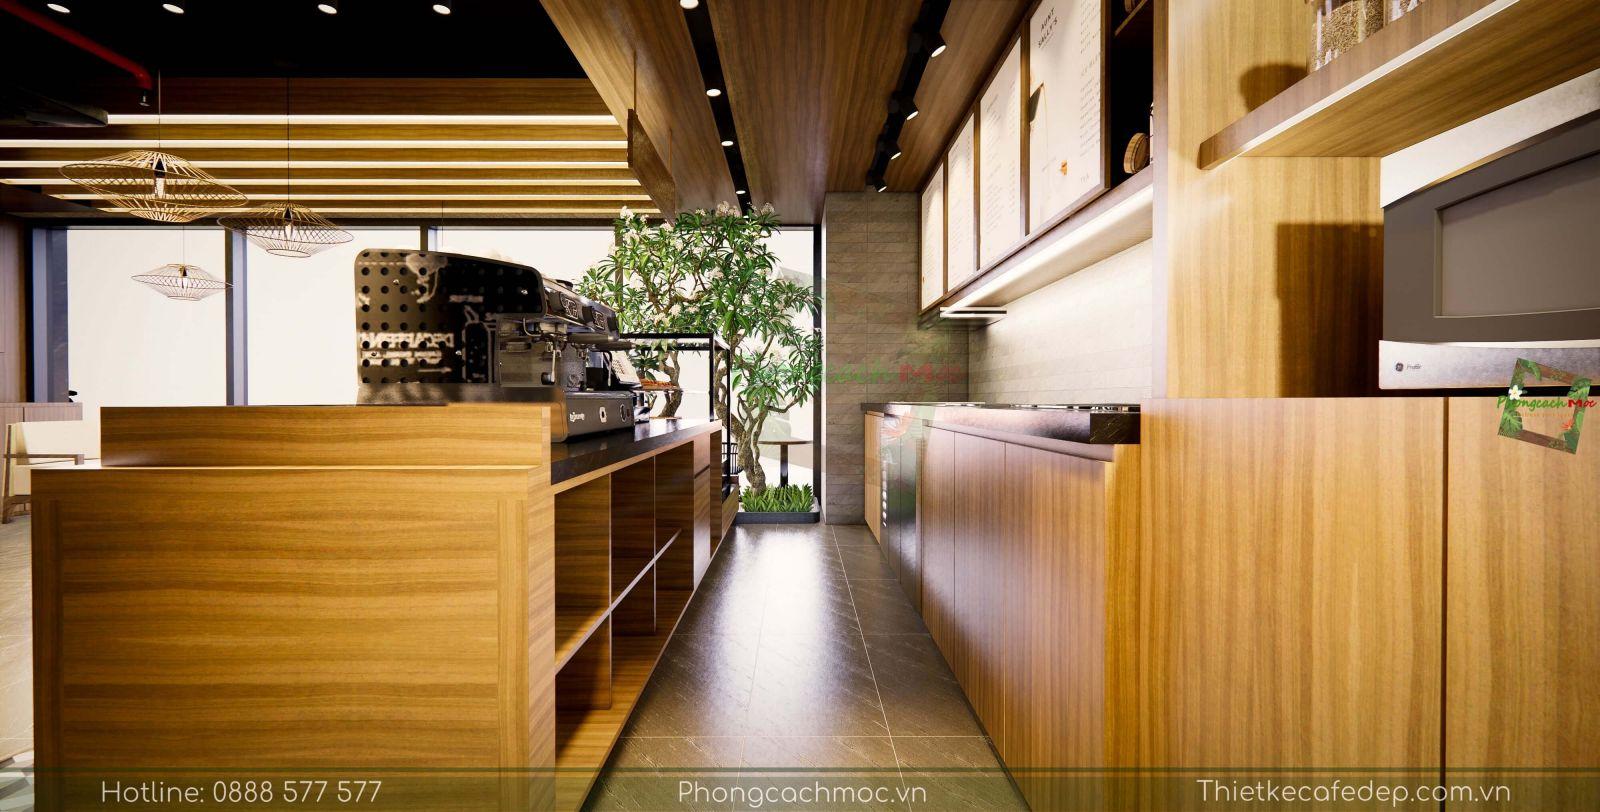 thiet-ke-quan-cafe-hien-dai-dp-coffee-tai-thu-duc-14